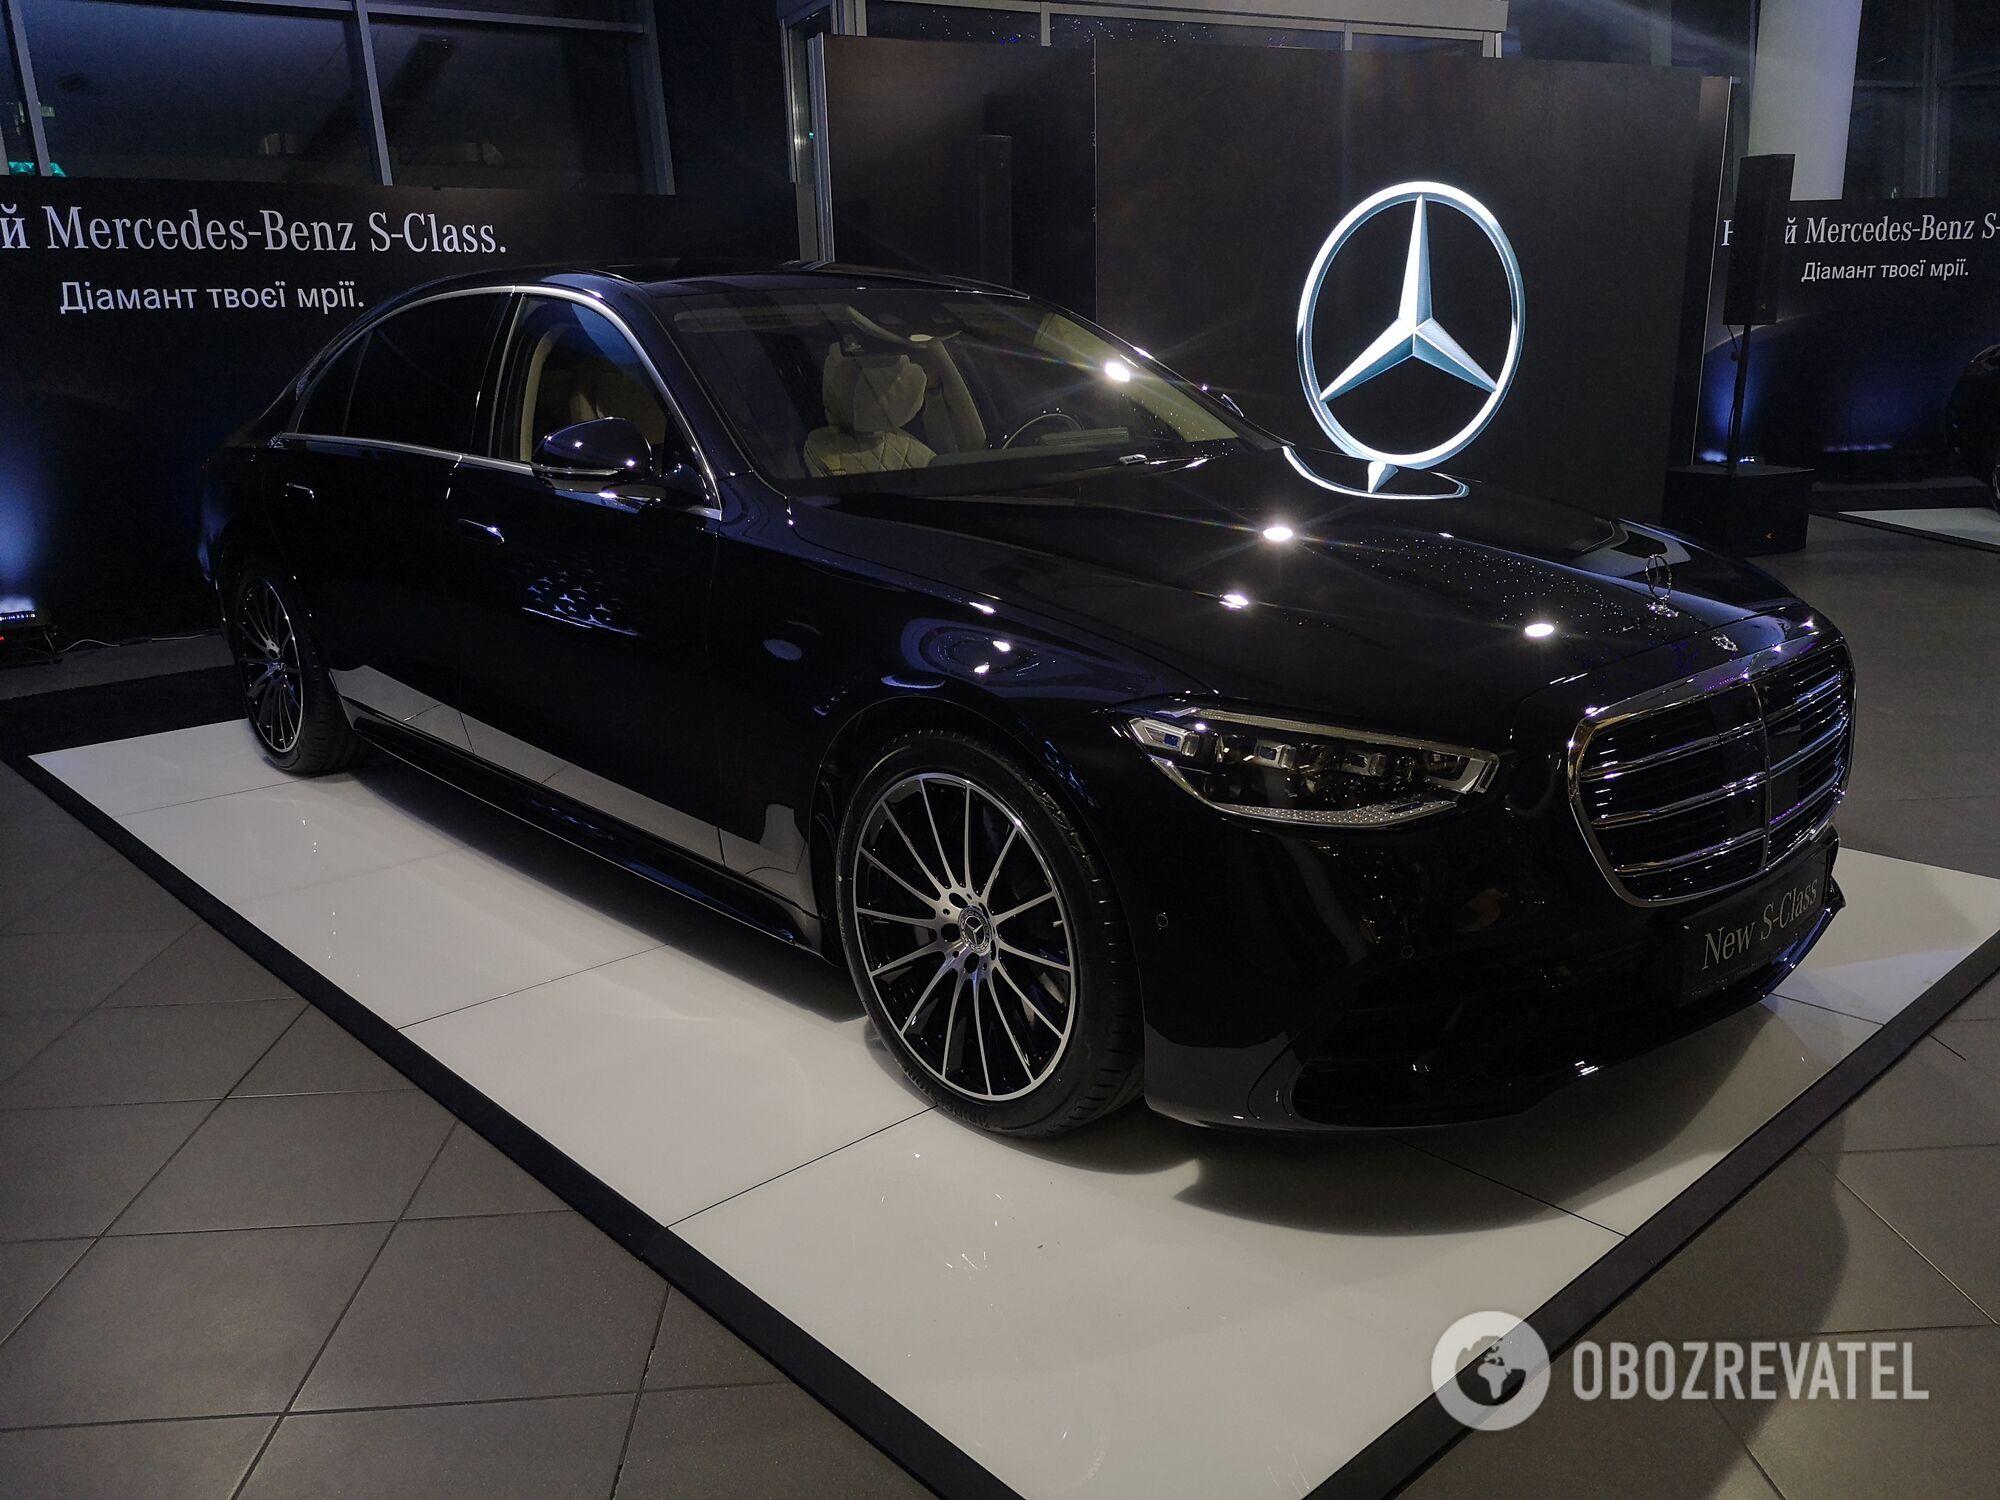 Внешний облик автомобиля выполнен в новом фирменном стиле немецкого бренда